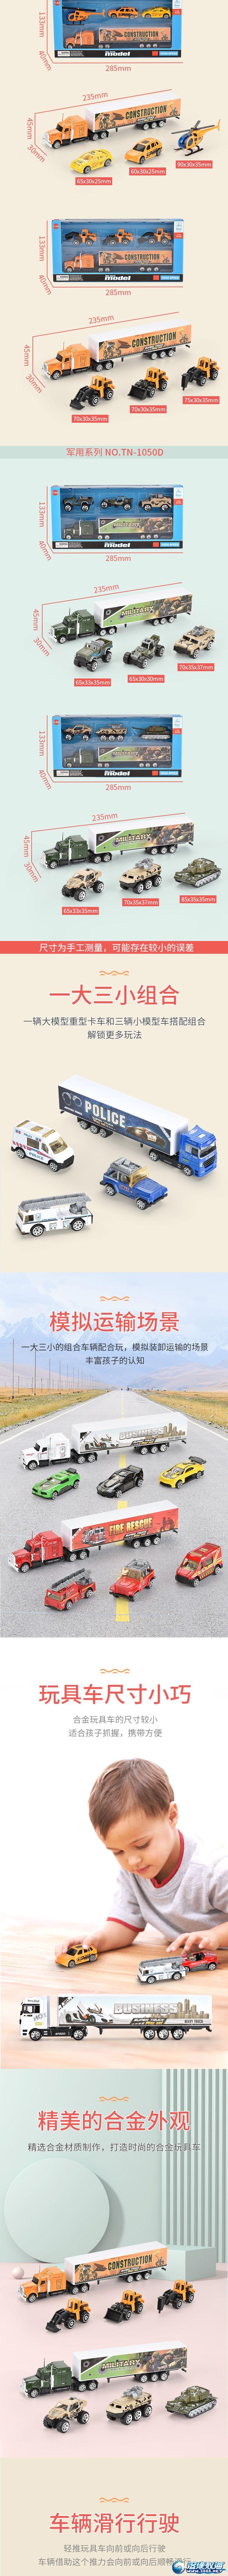 天纳玩具厂-(TN-1050)-合金车模型-中文详情页_02.jpg